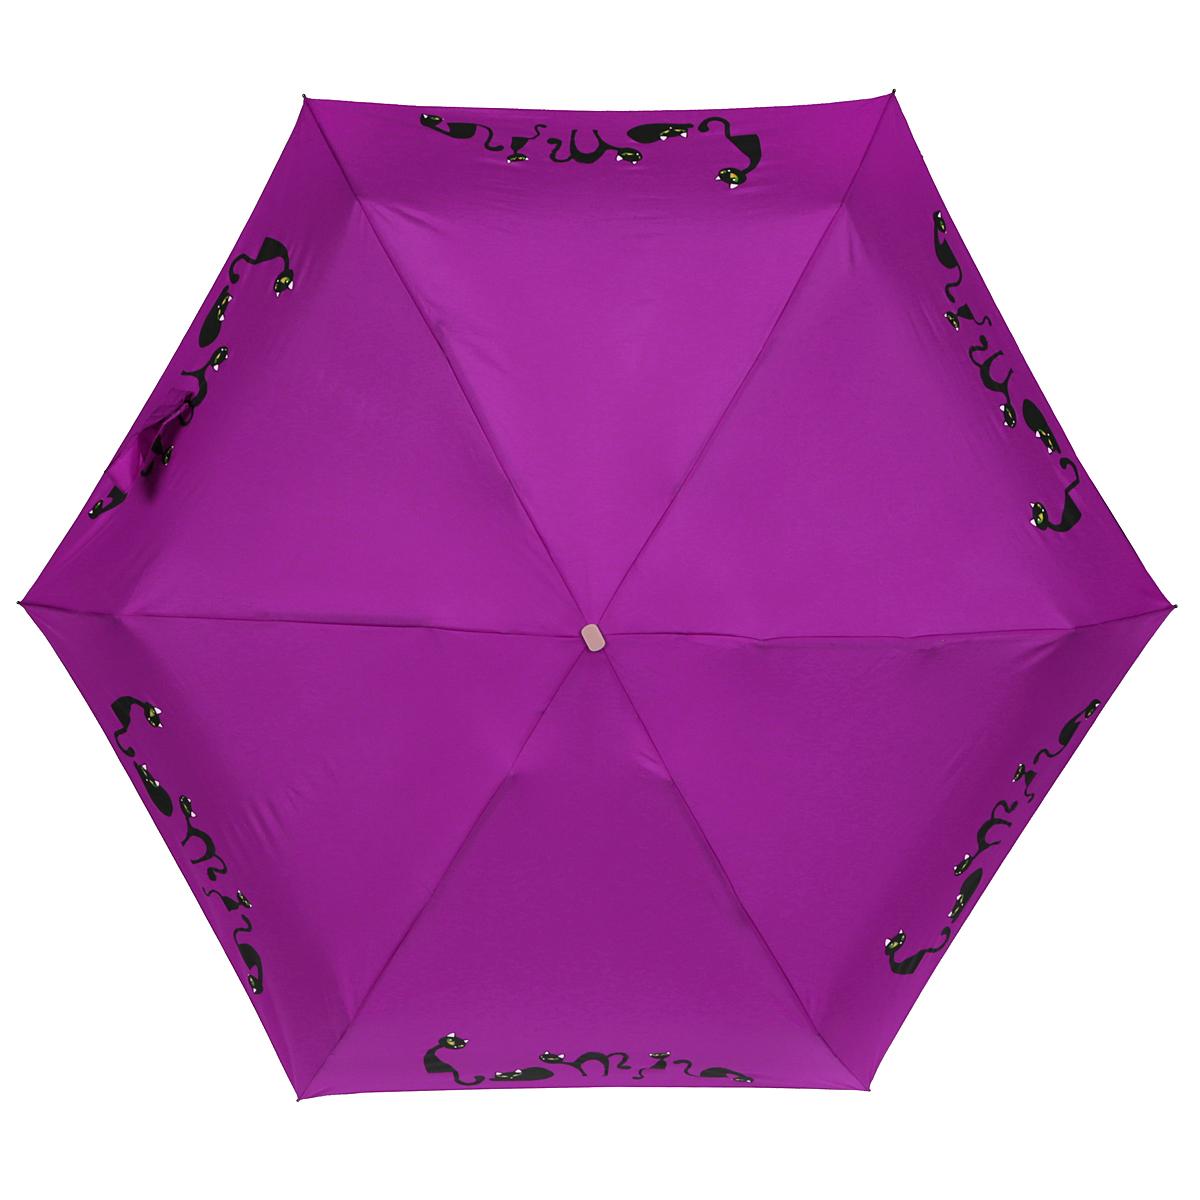 Зонт женский Zest, механический, 5 сложений, цвет: фиолетовый. 25569-1023